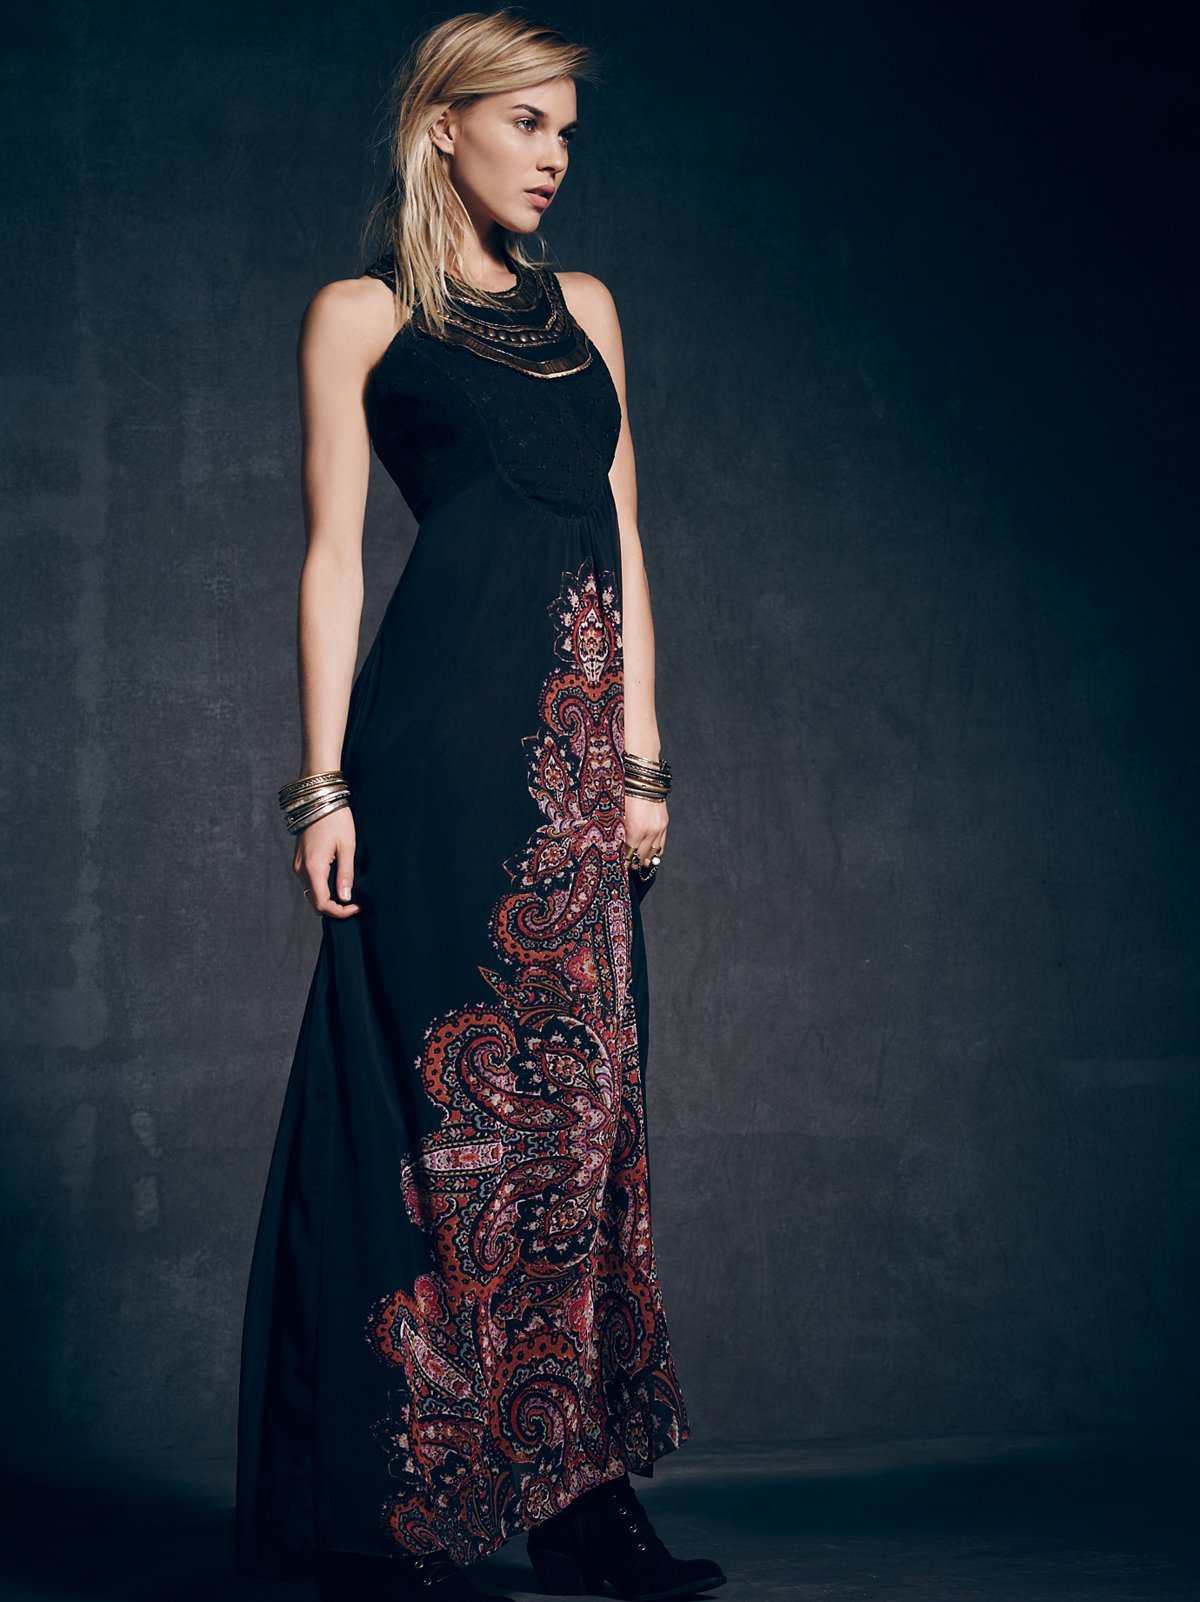 Demeter Gown